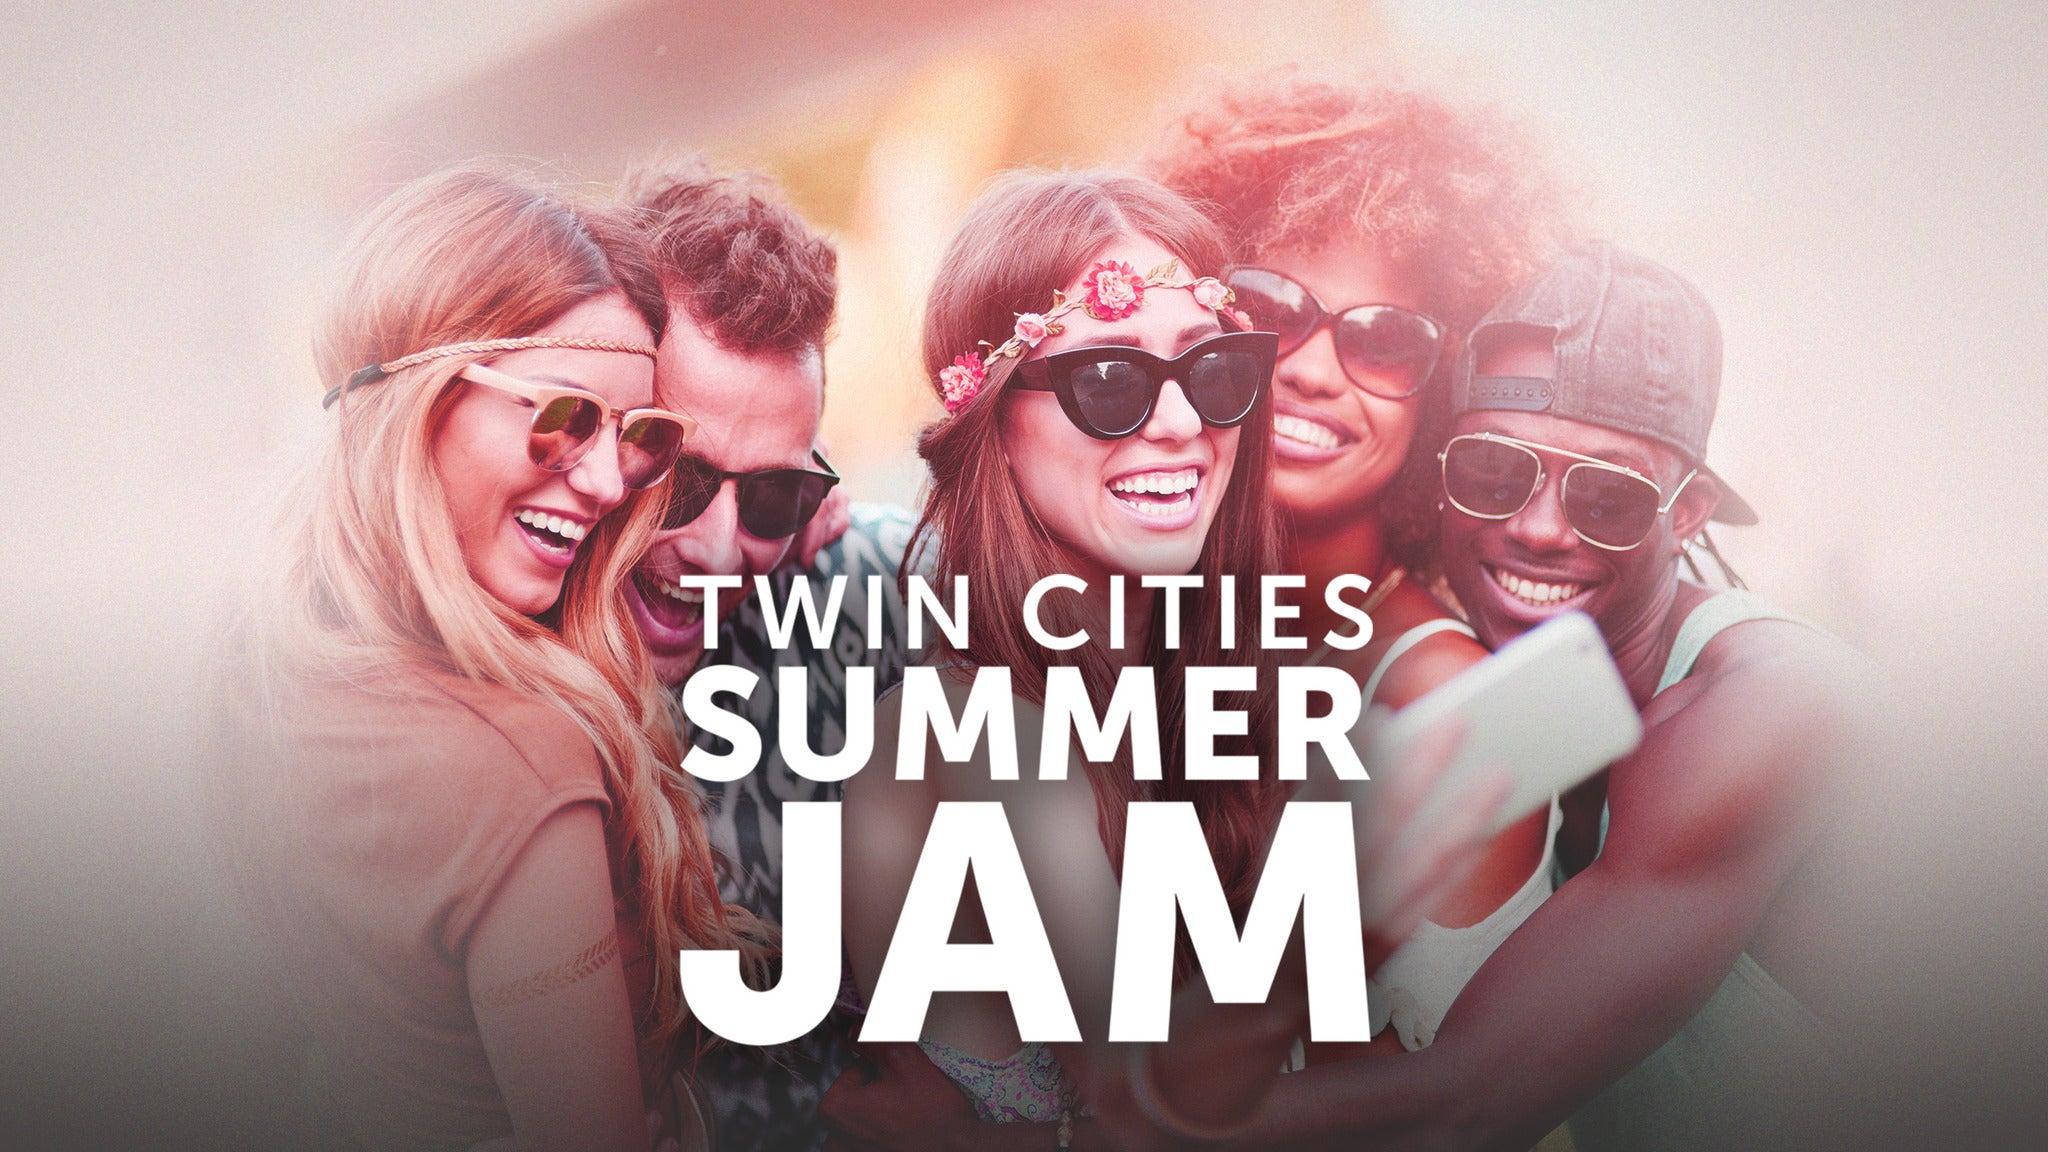 Twin Cities Summer Jam